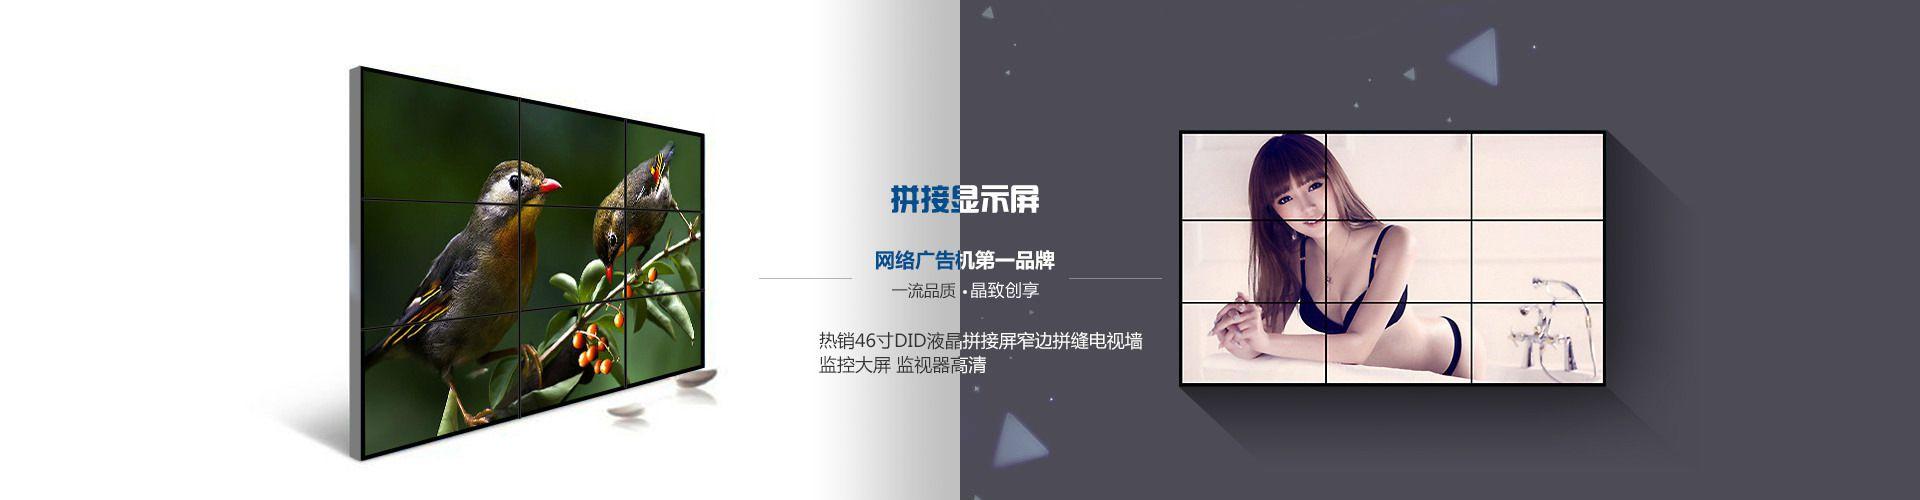 深圳市晶致创享科技有限公司